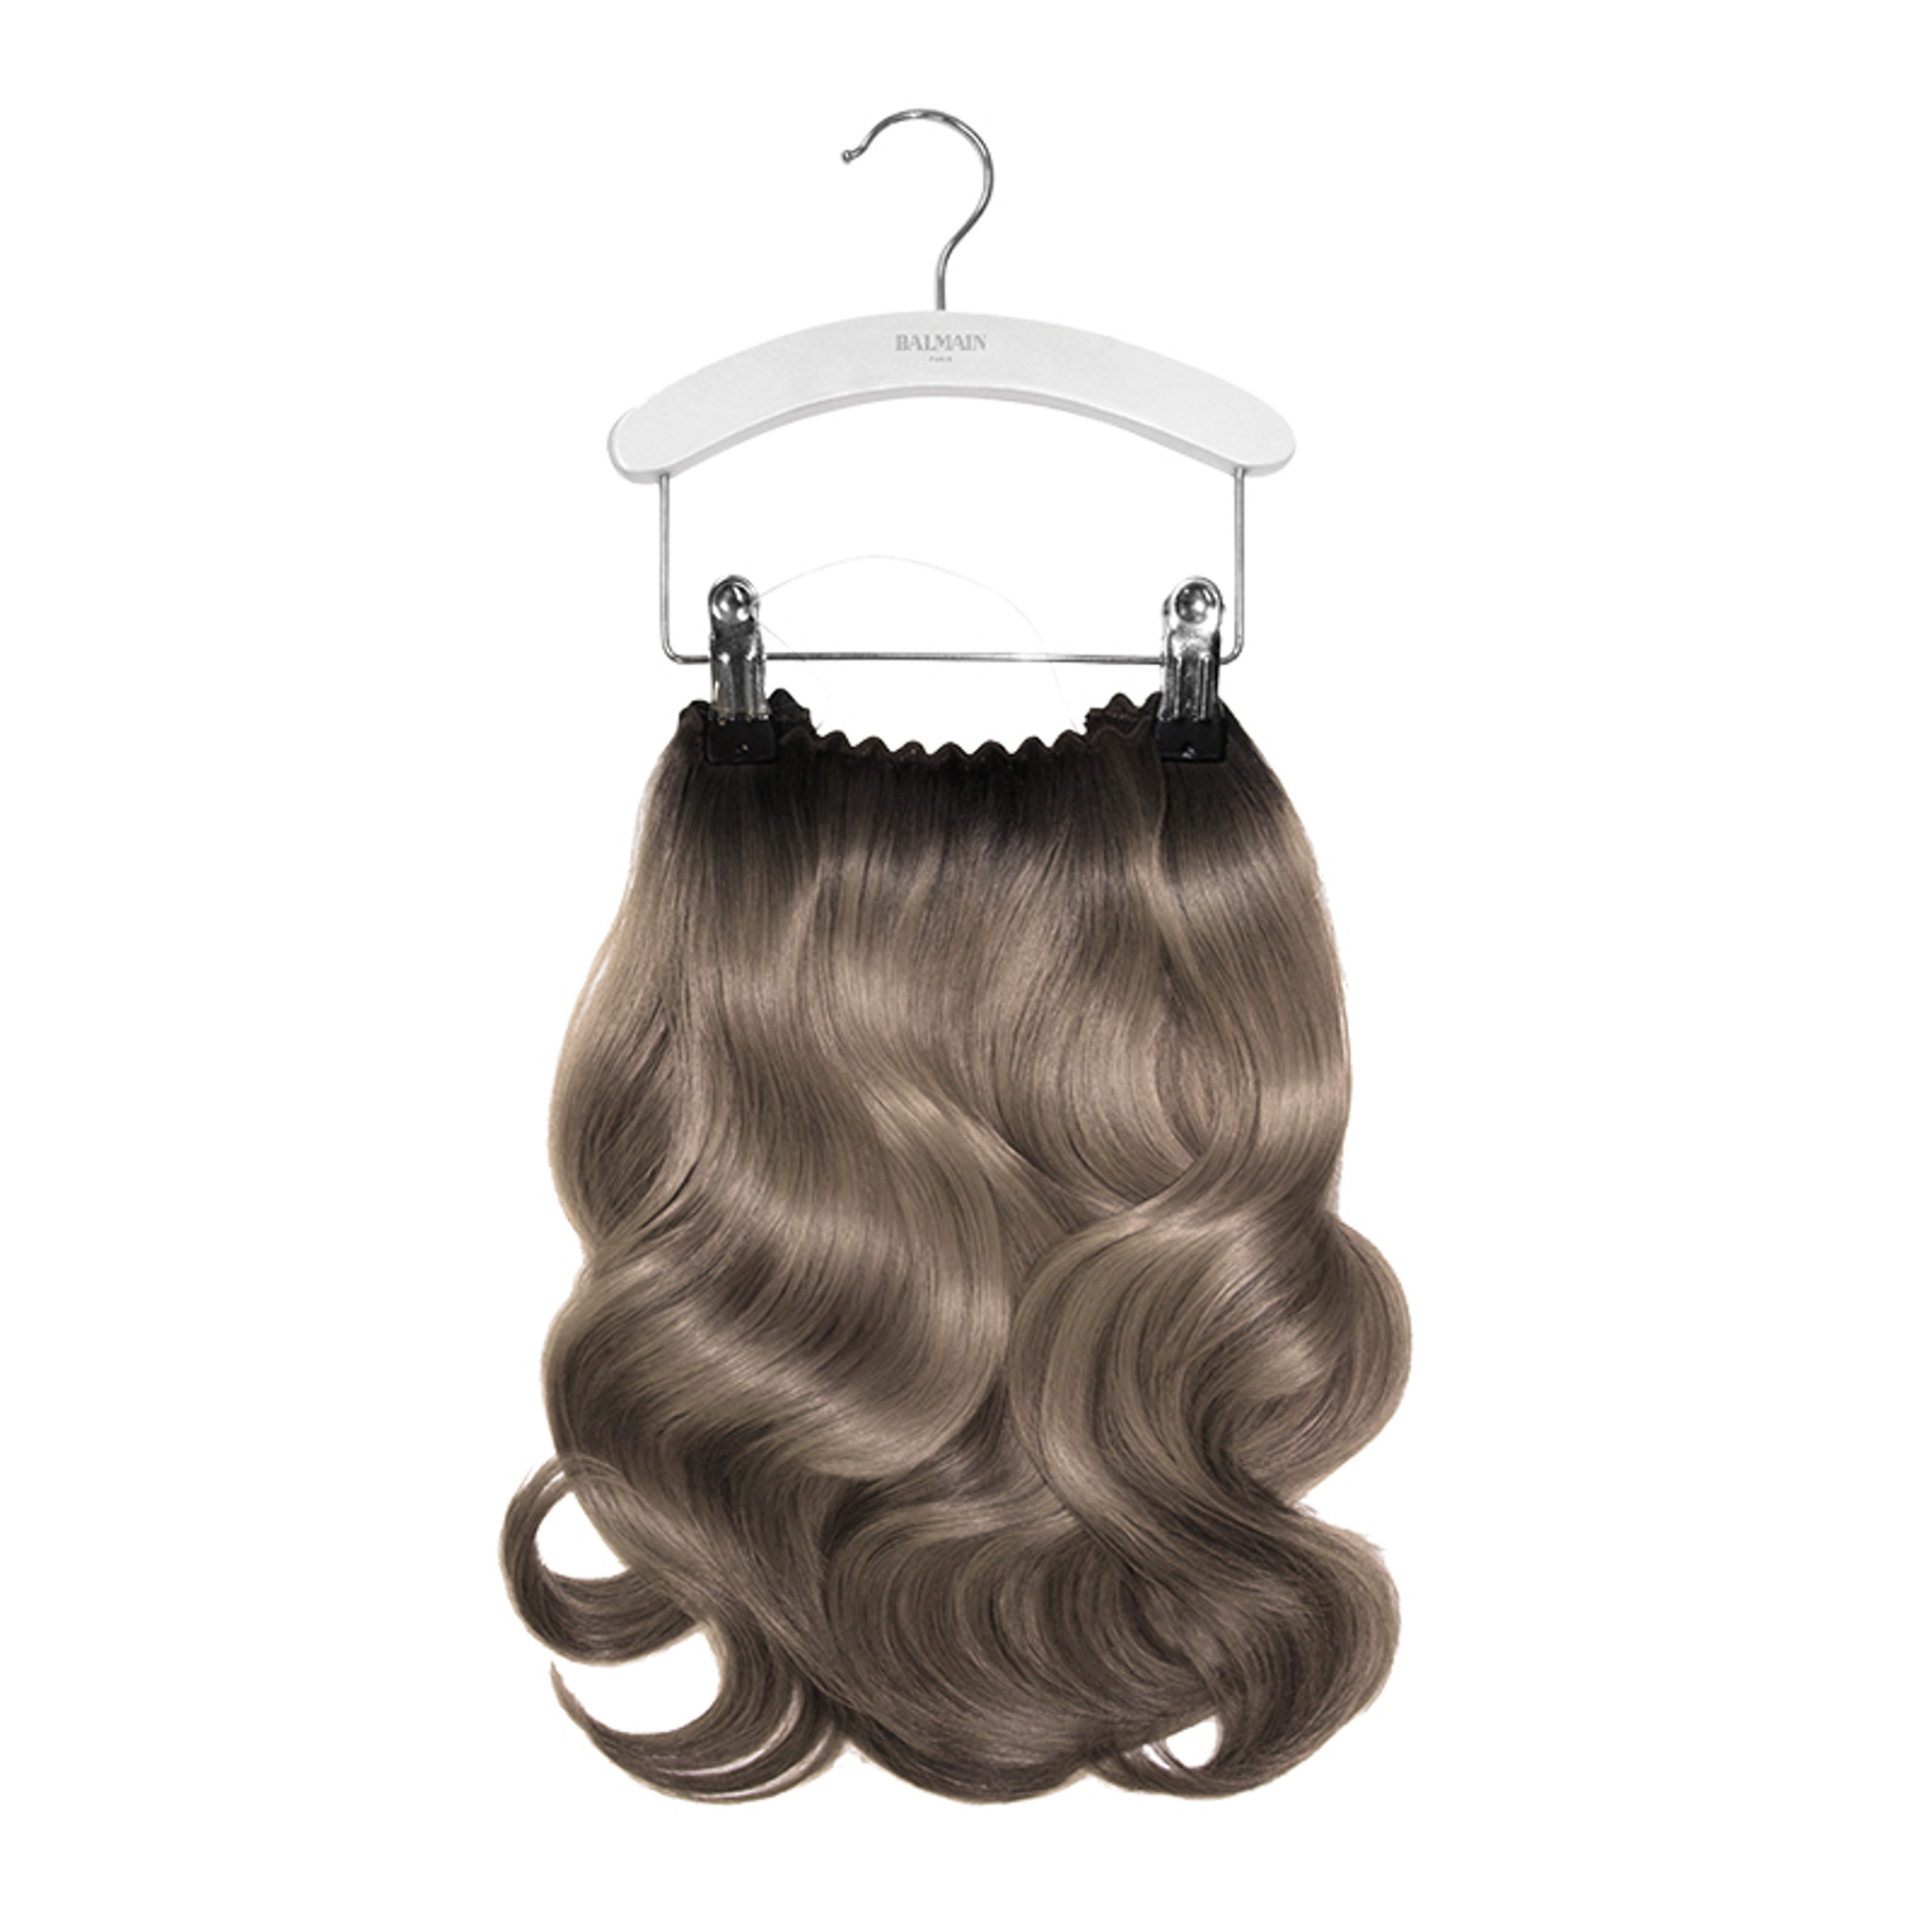 HAIR DRESS (MEMORY HAIR)